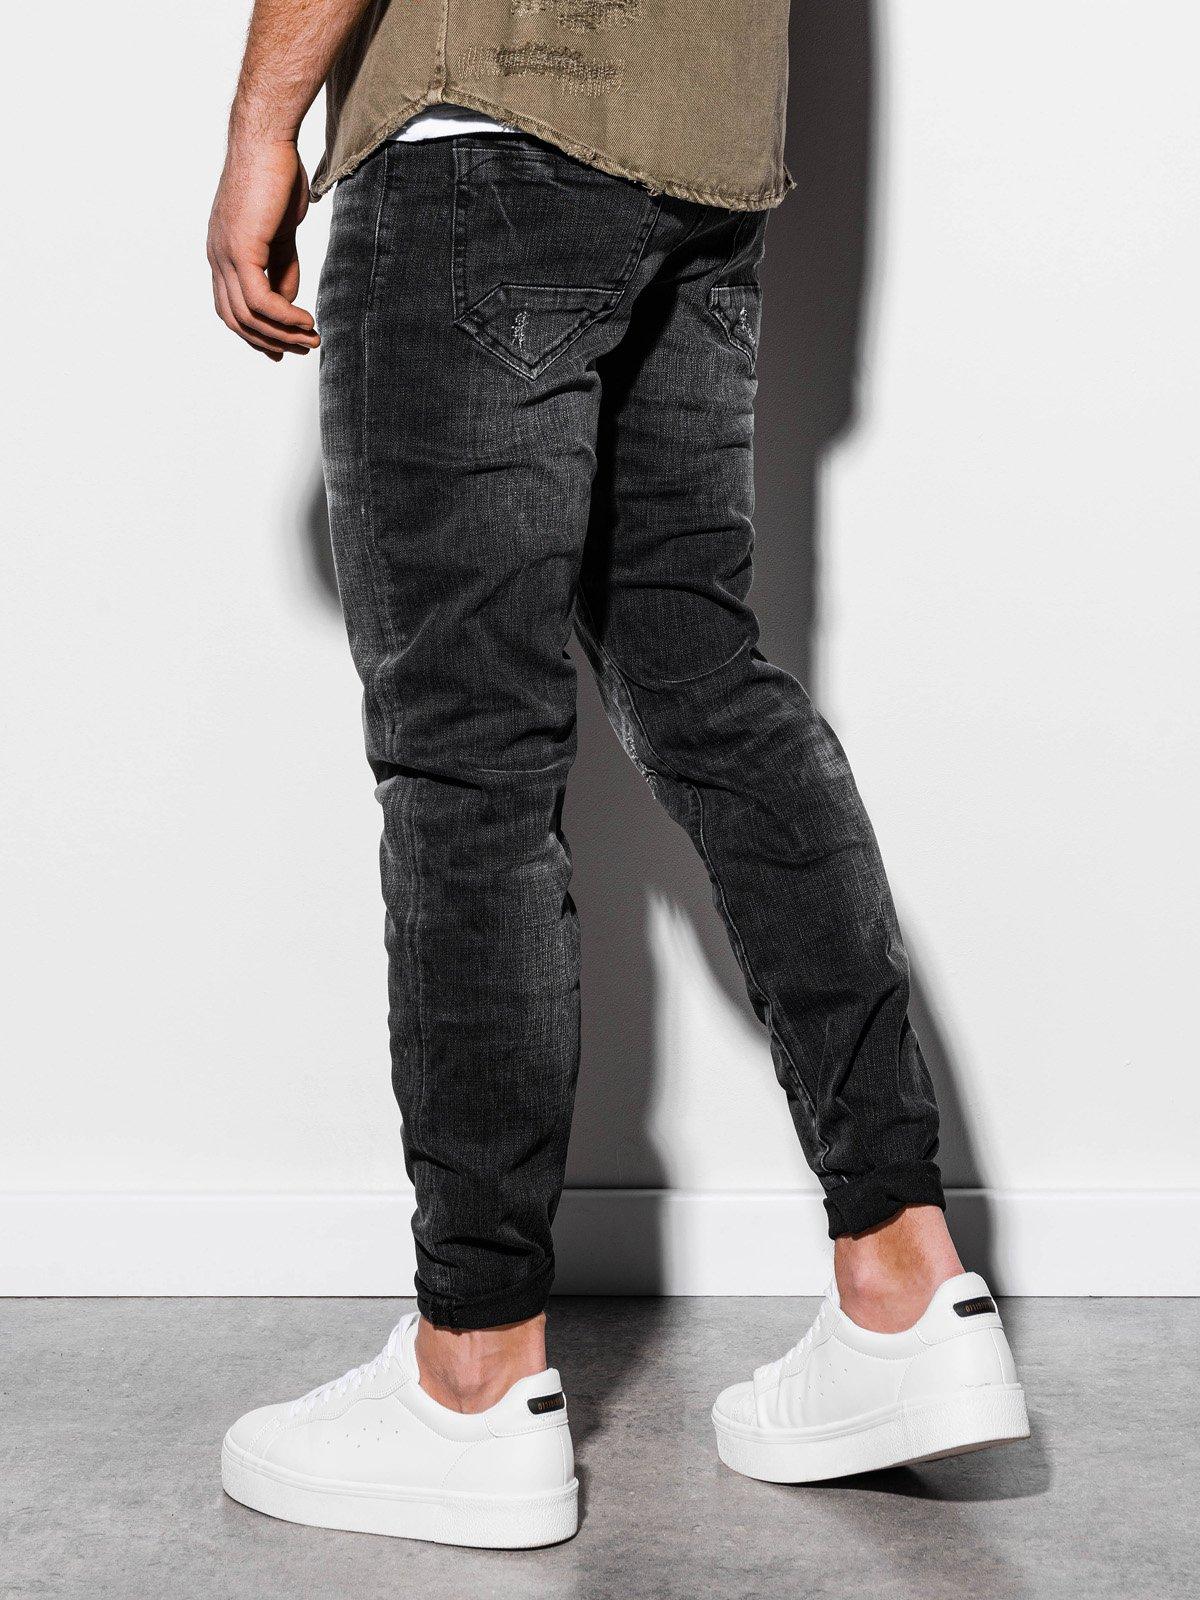 Spodnie męskie jeansowe P855 - czarne